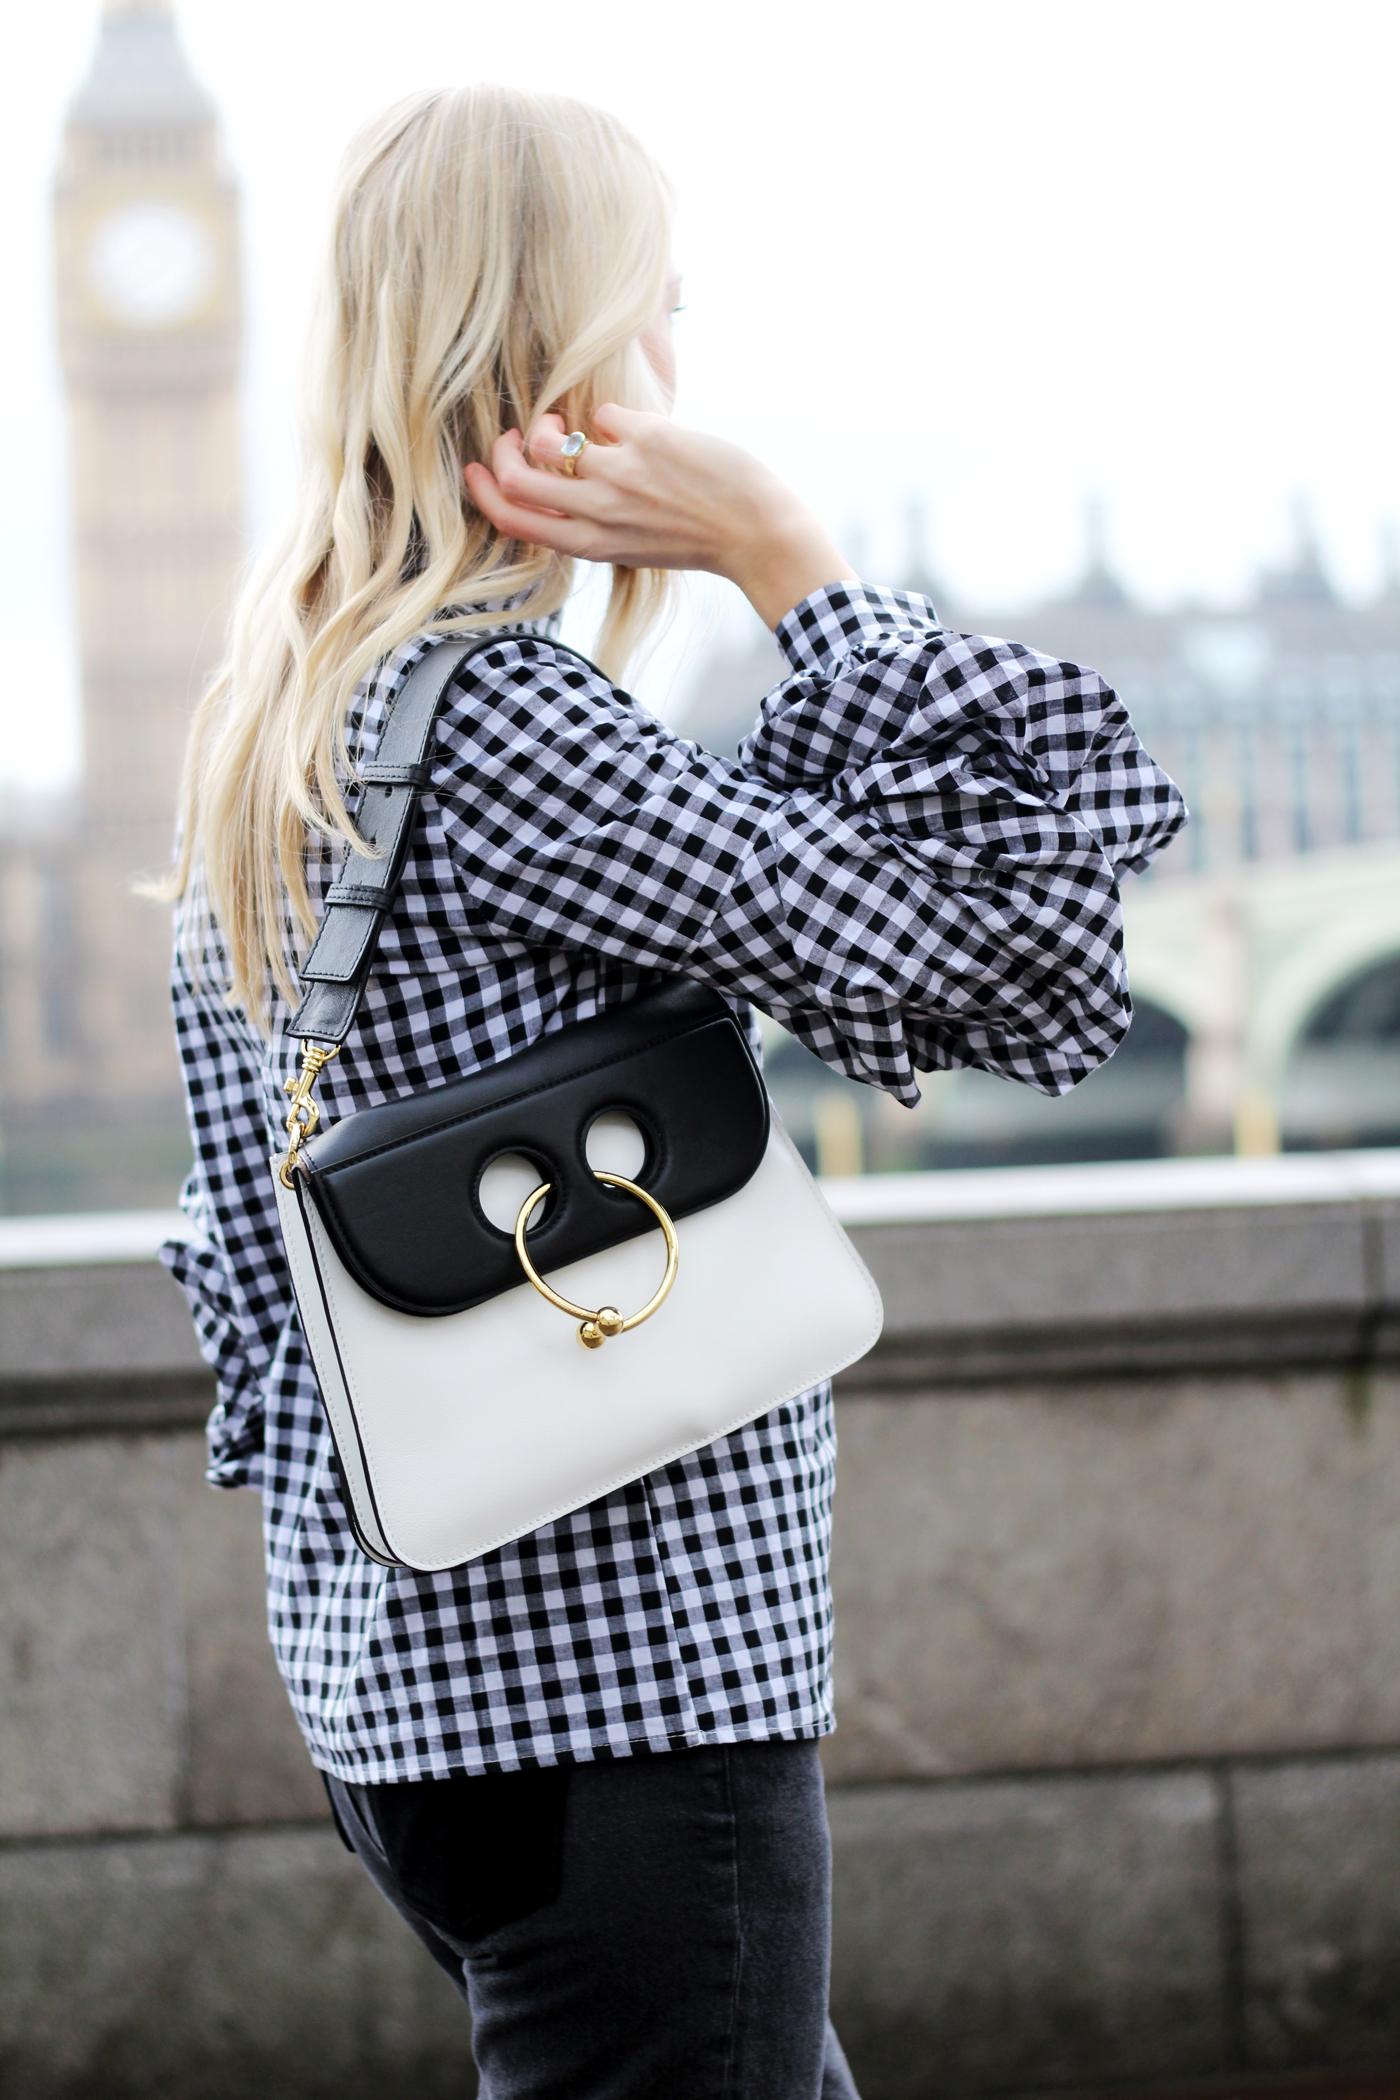 London_ruffles_H&M_Jeans_velvet_somehappyshoes